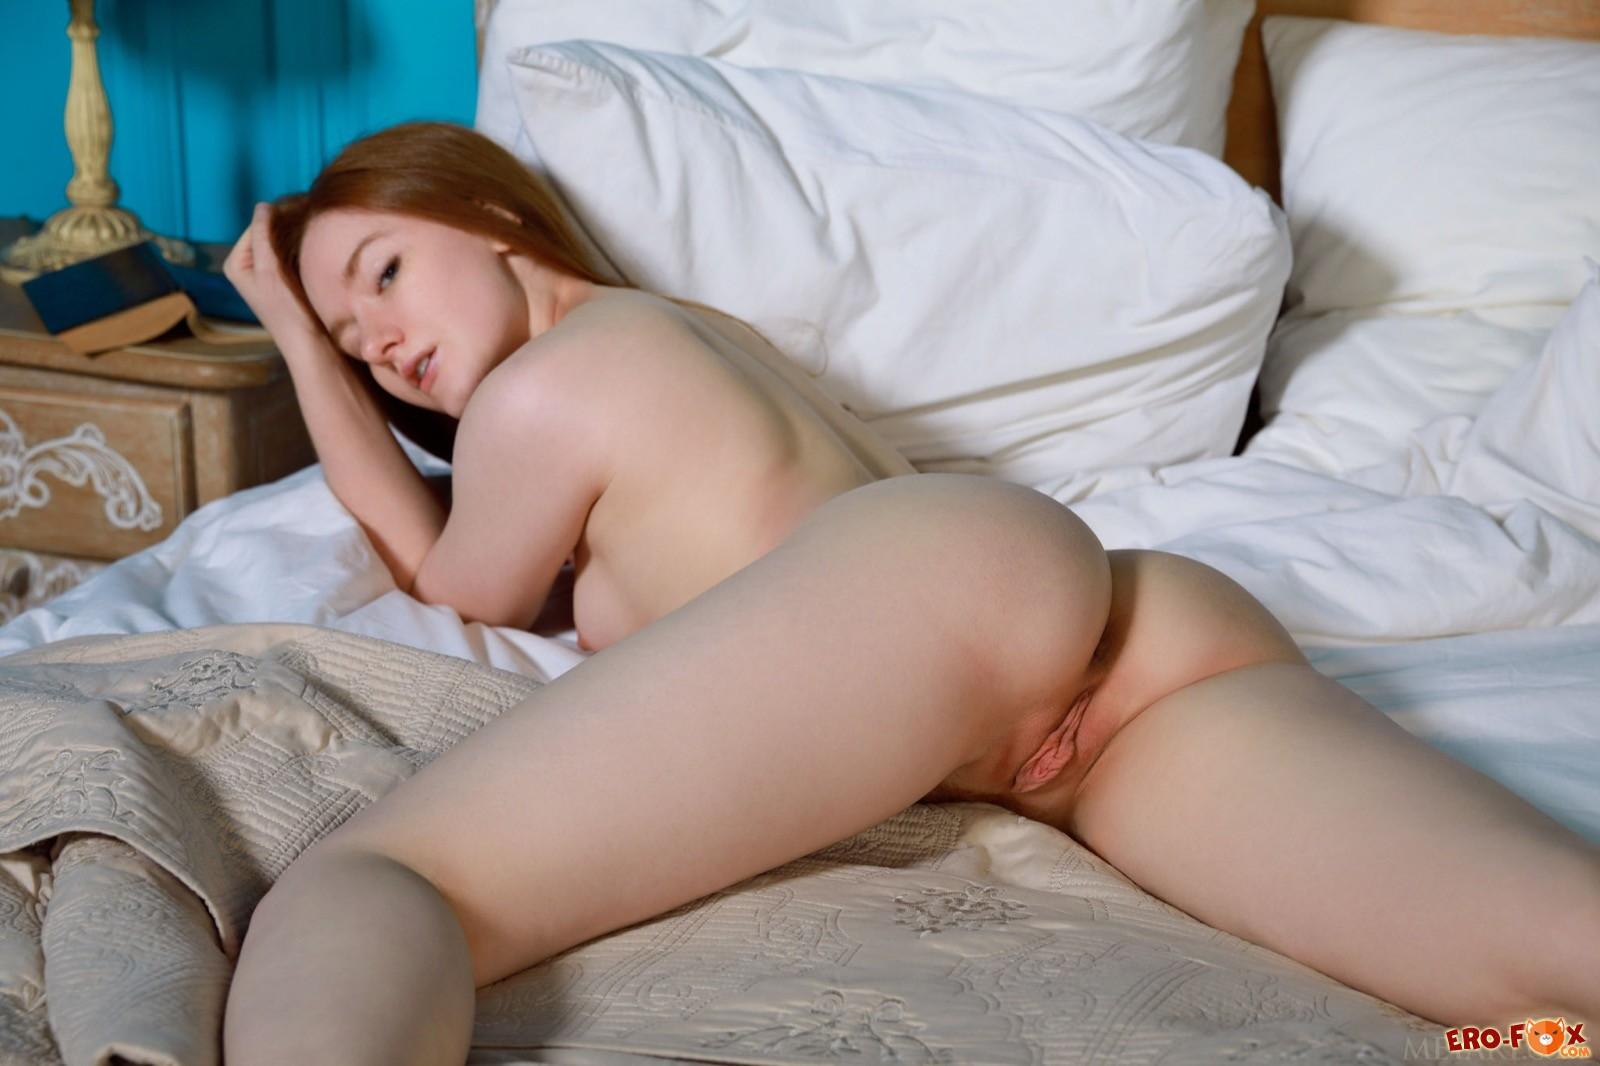 Голая рыжая девка с большой красивой попой в постели - фото